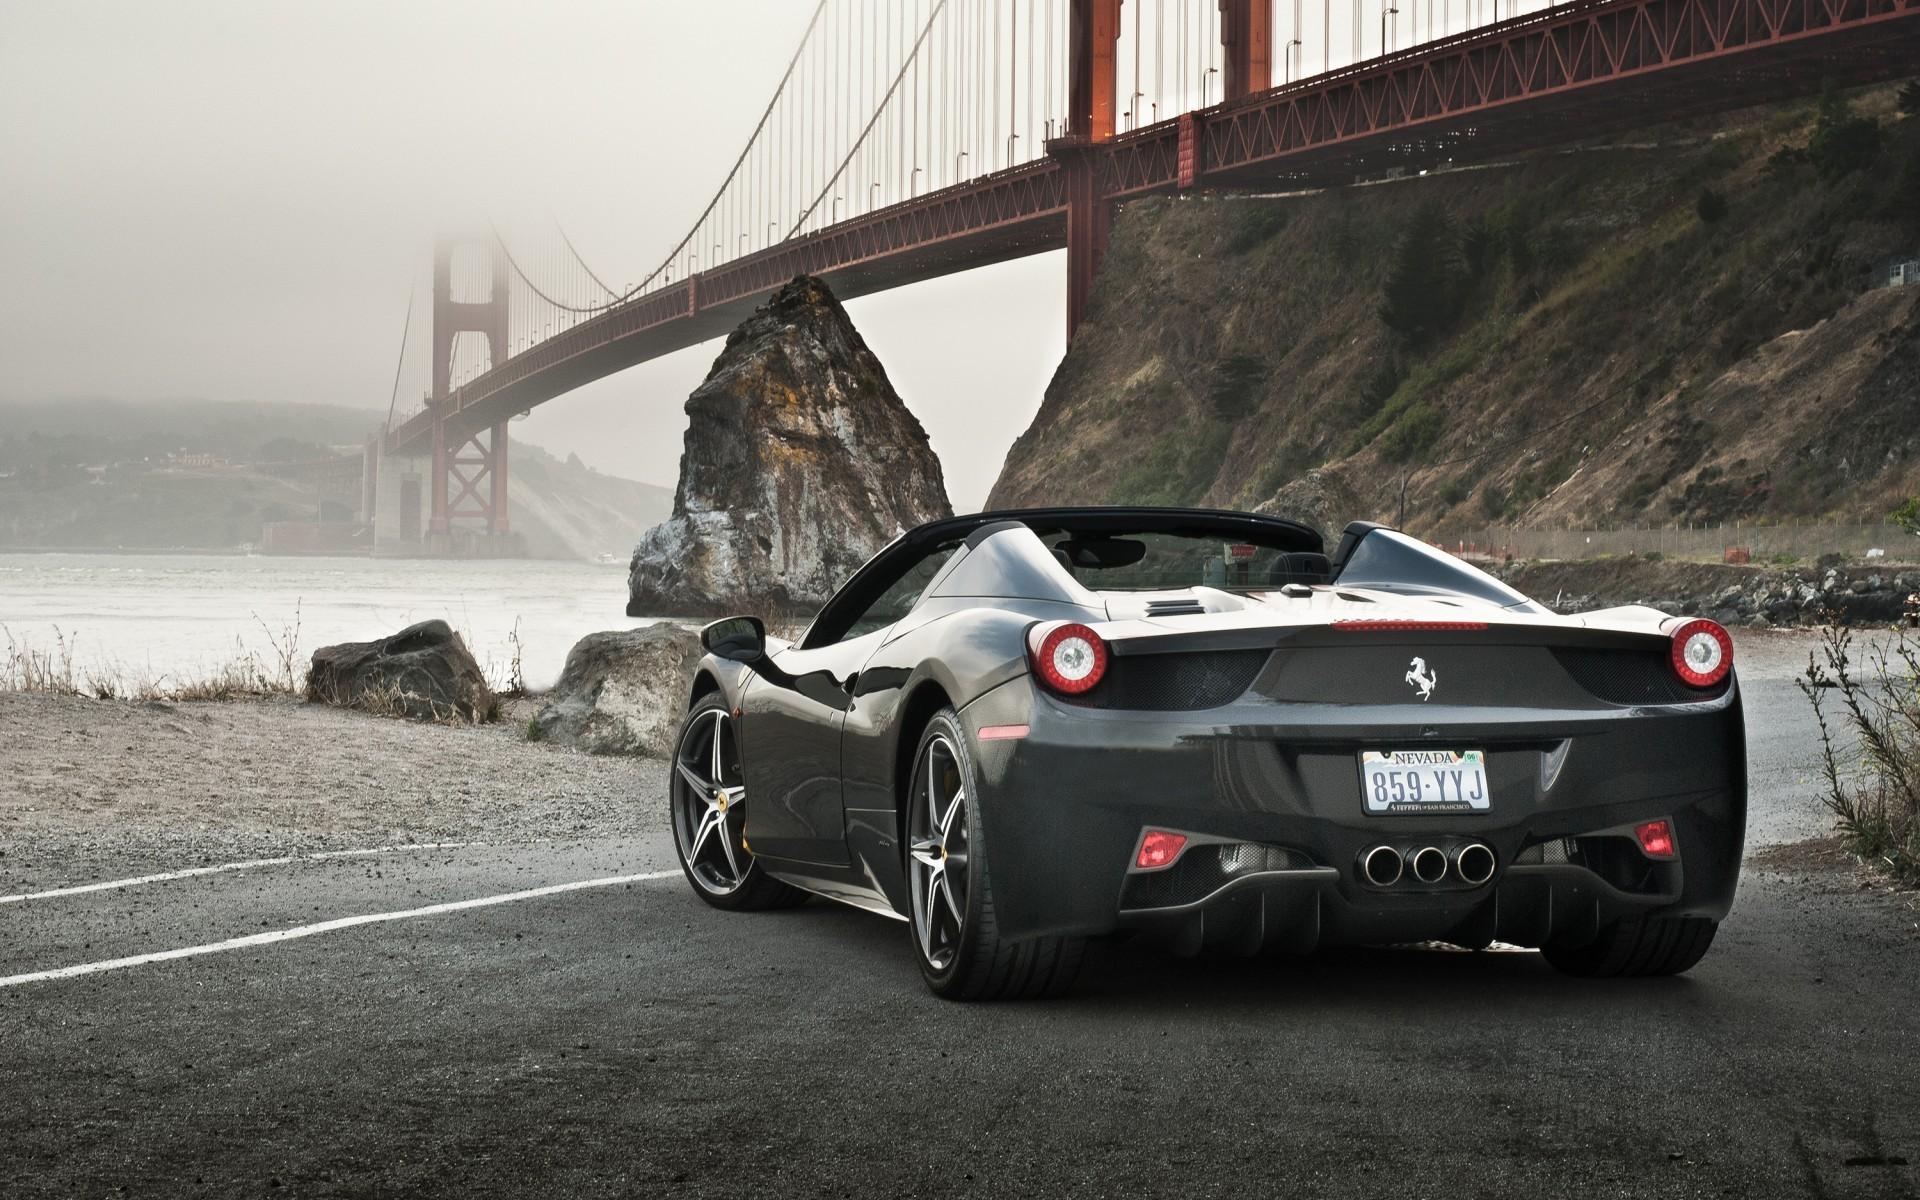 1920x1200 Px Bridge Ferrari 458 Spider Road